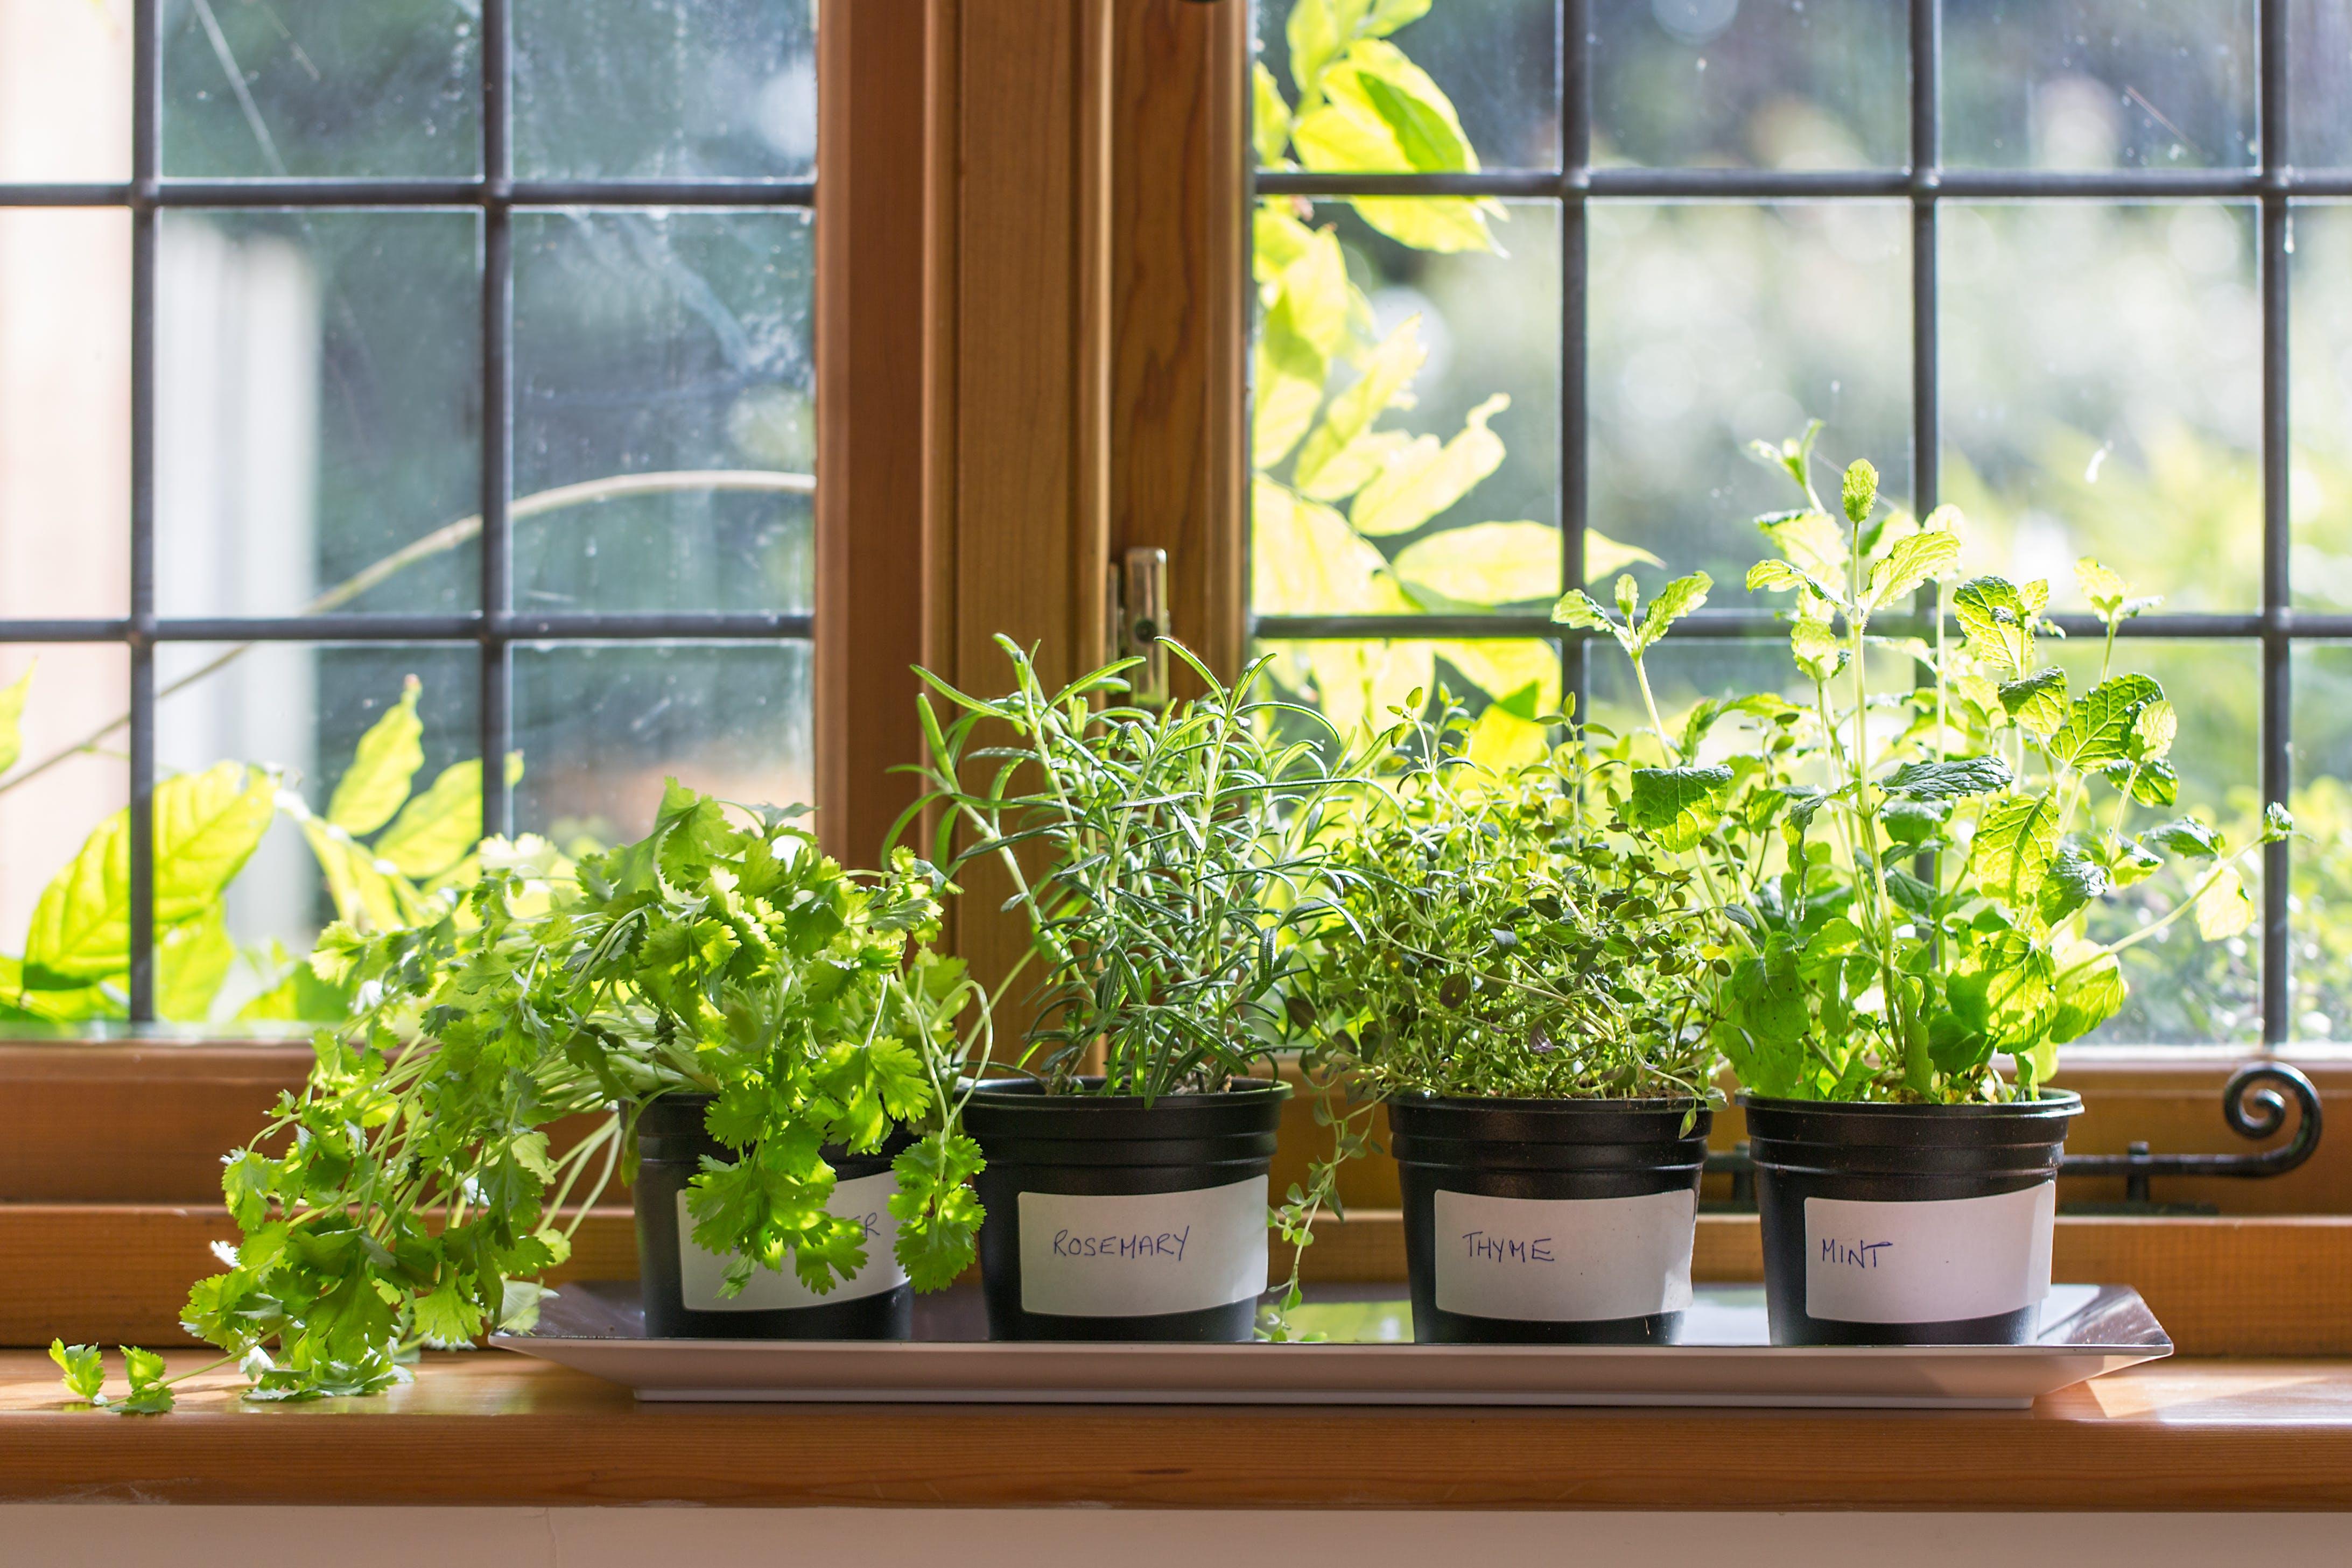 Herbs in pots on window sill